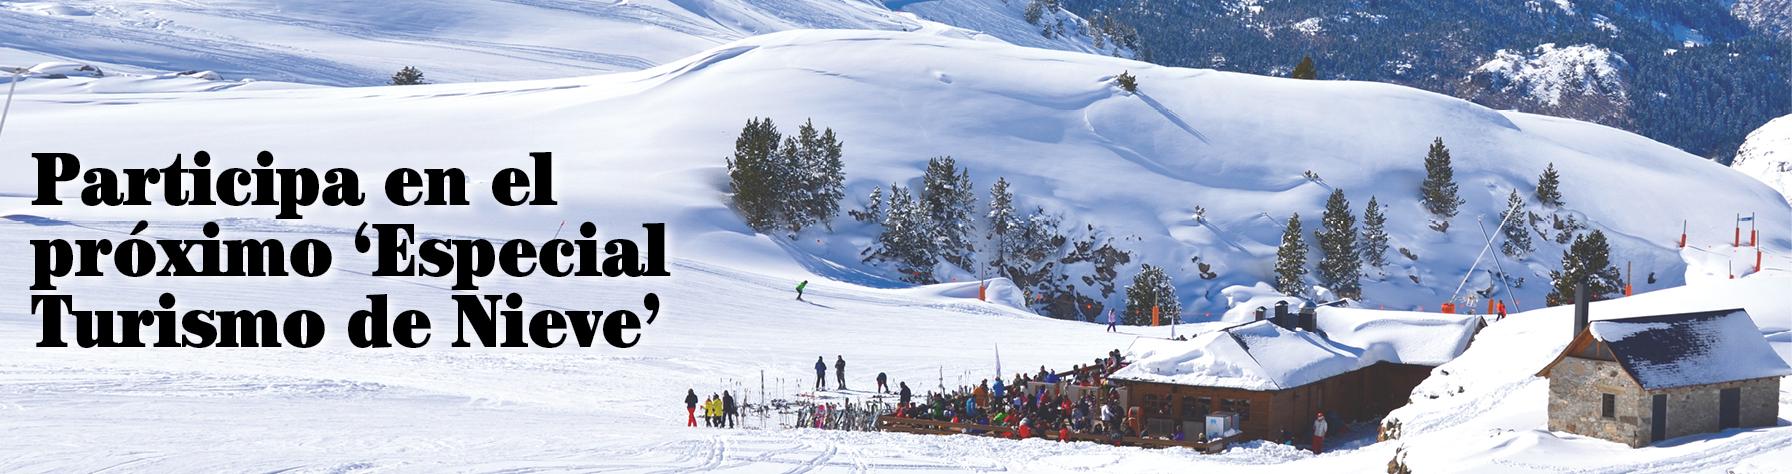 Destinos de vacaciones blancas en el próximo 'Especial Turismo de Nieve'